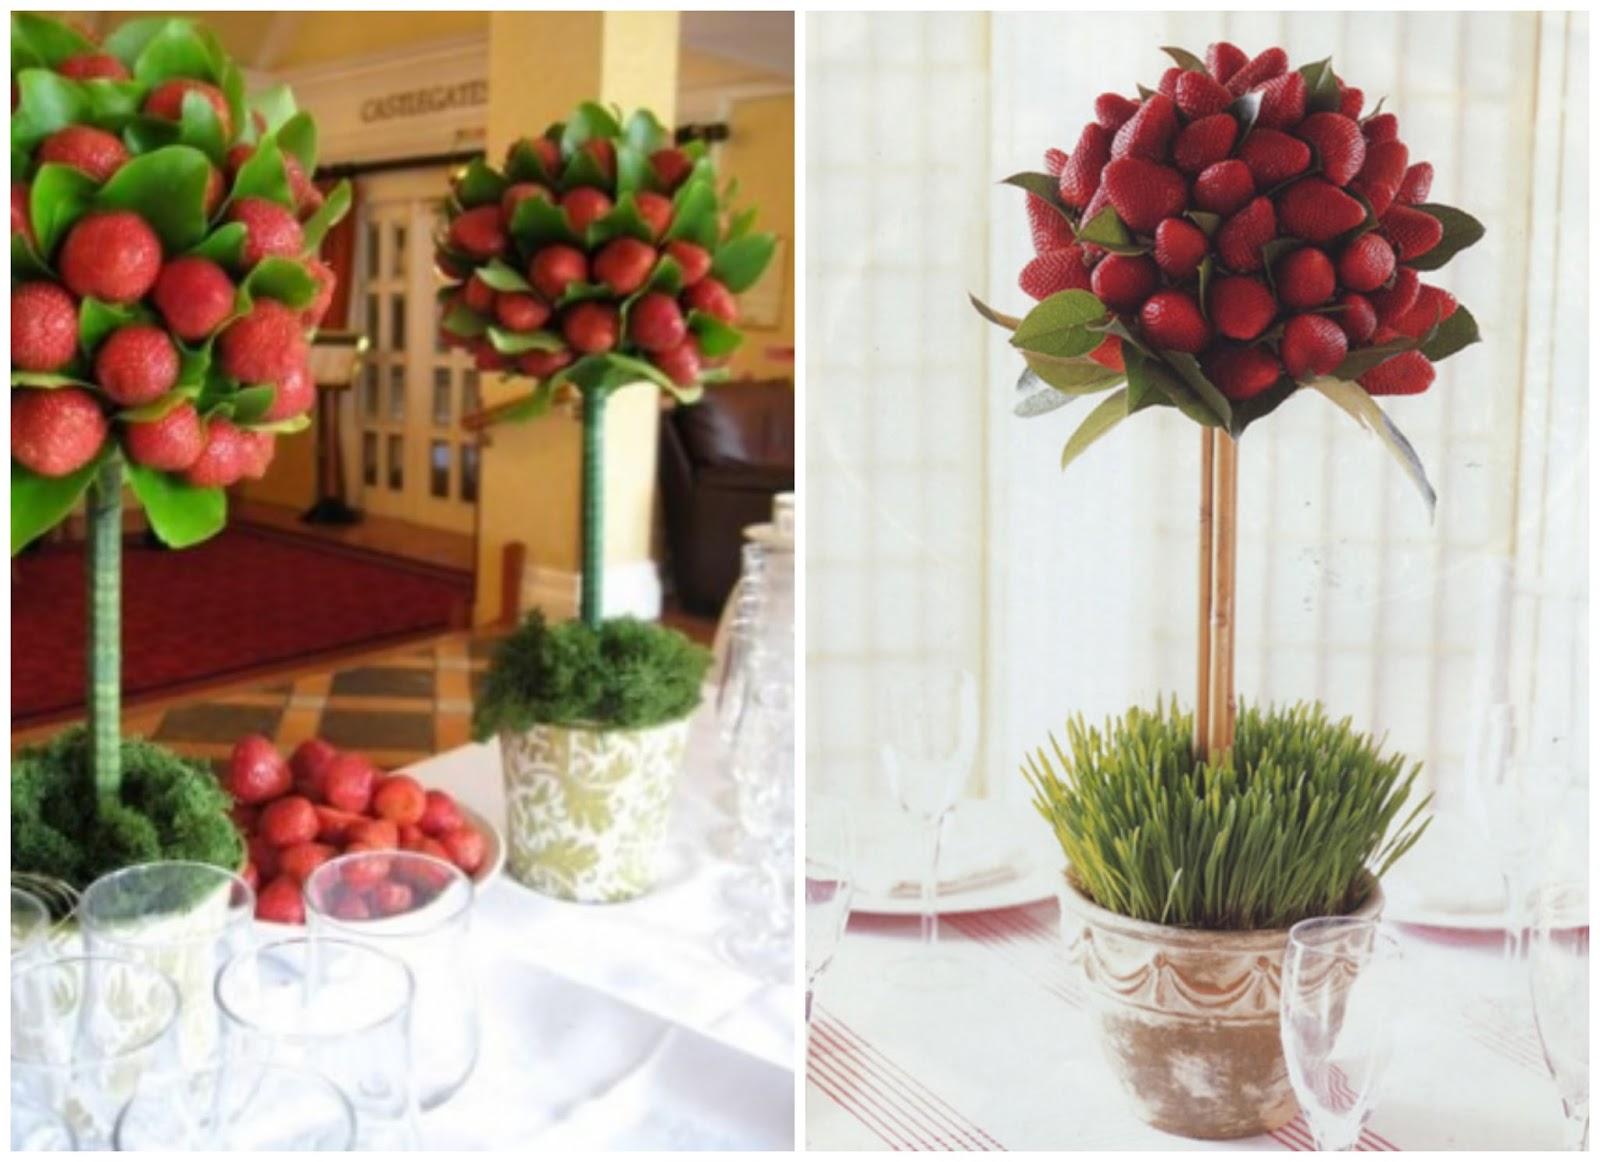 Decoraci n de mesas con fresas - Decorar cestas de mimbre paso a paso ...